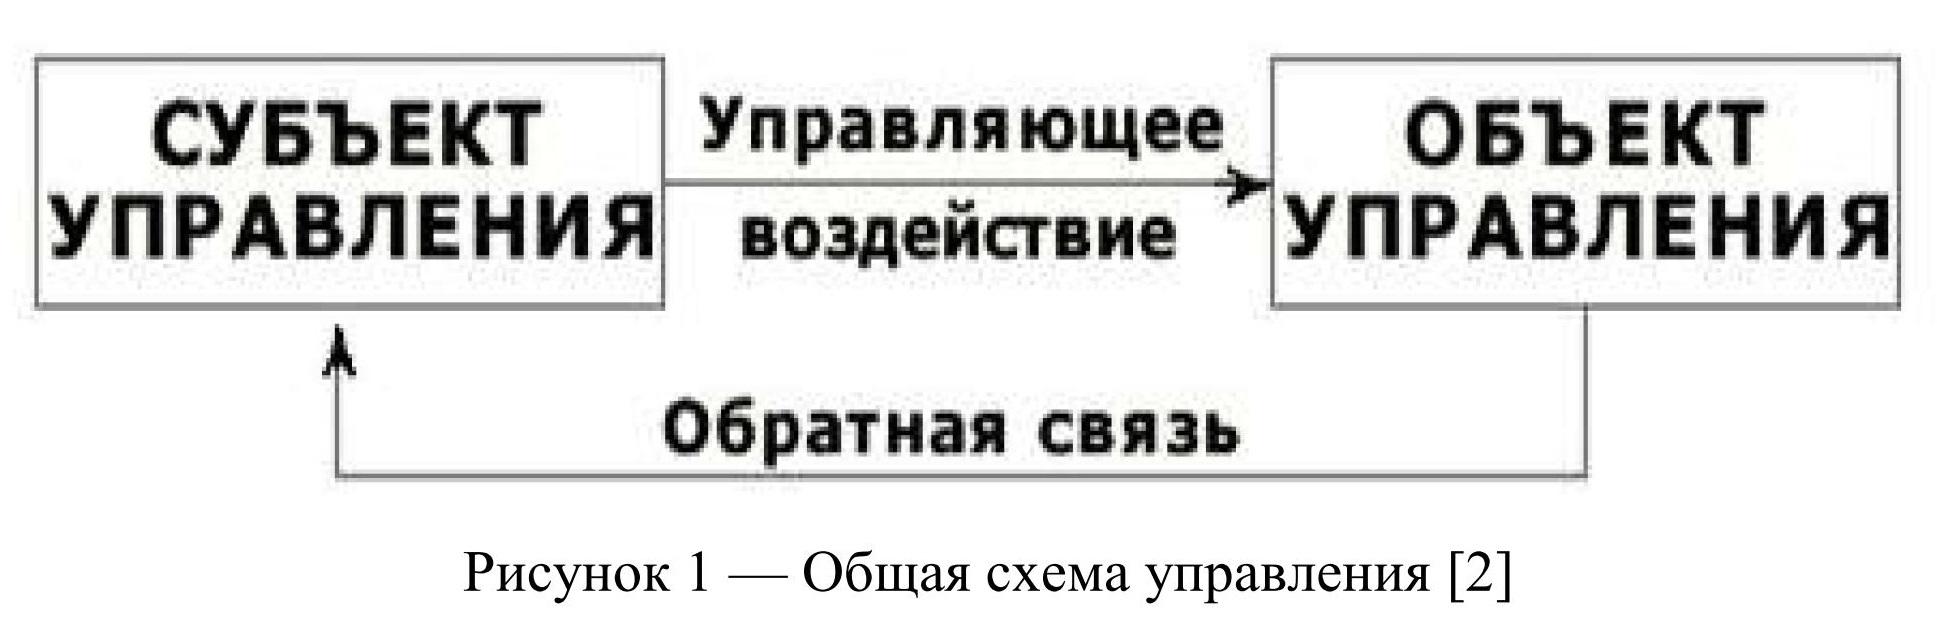 кулинарном объект и субъект управления картинки некоторых случаях возможно